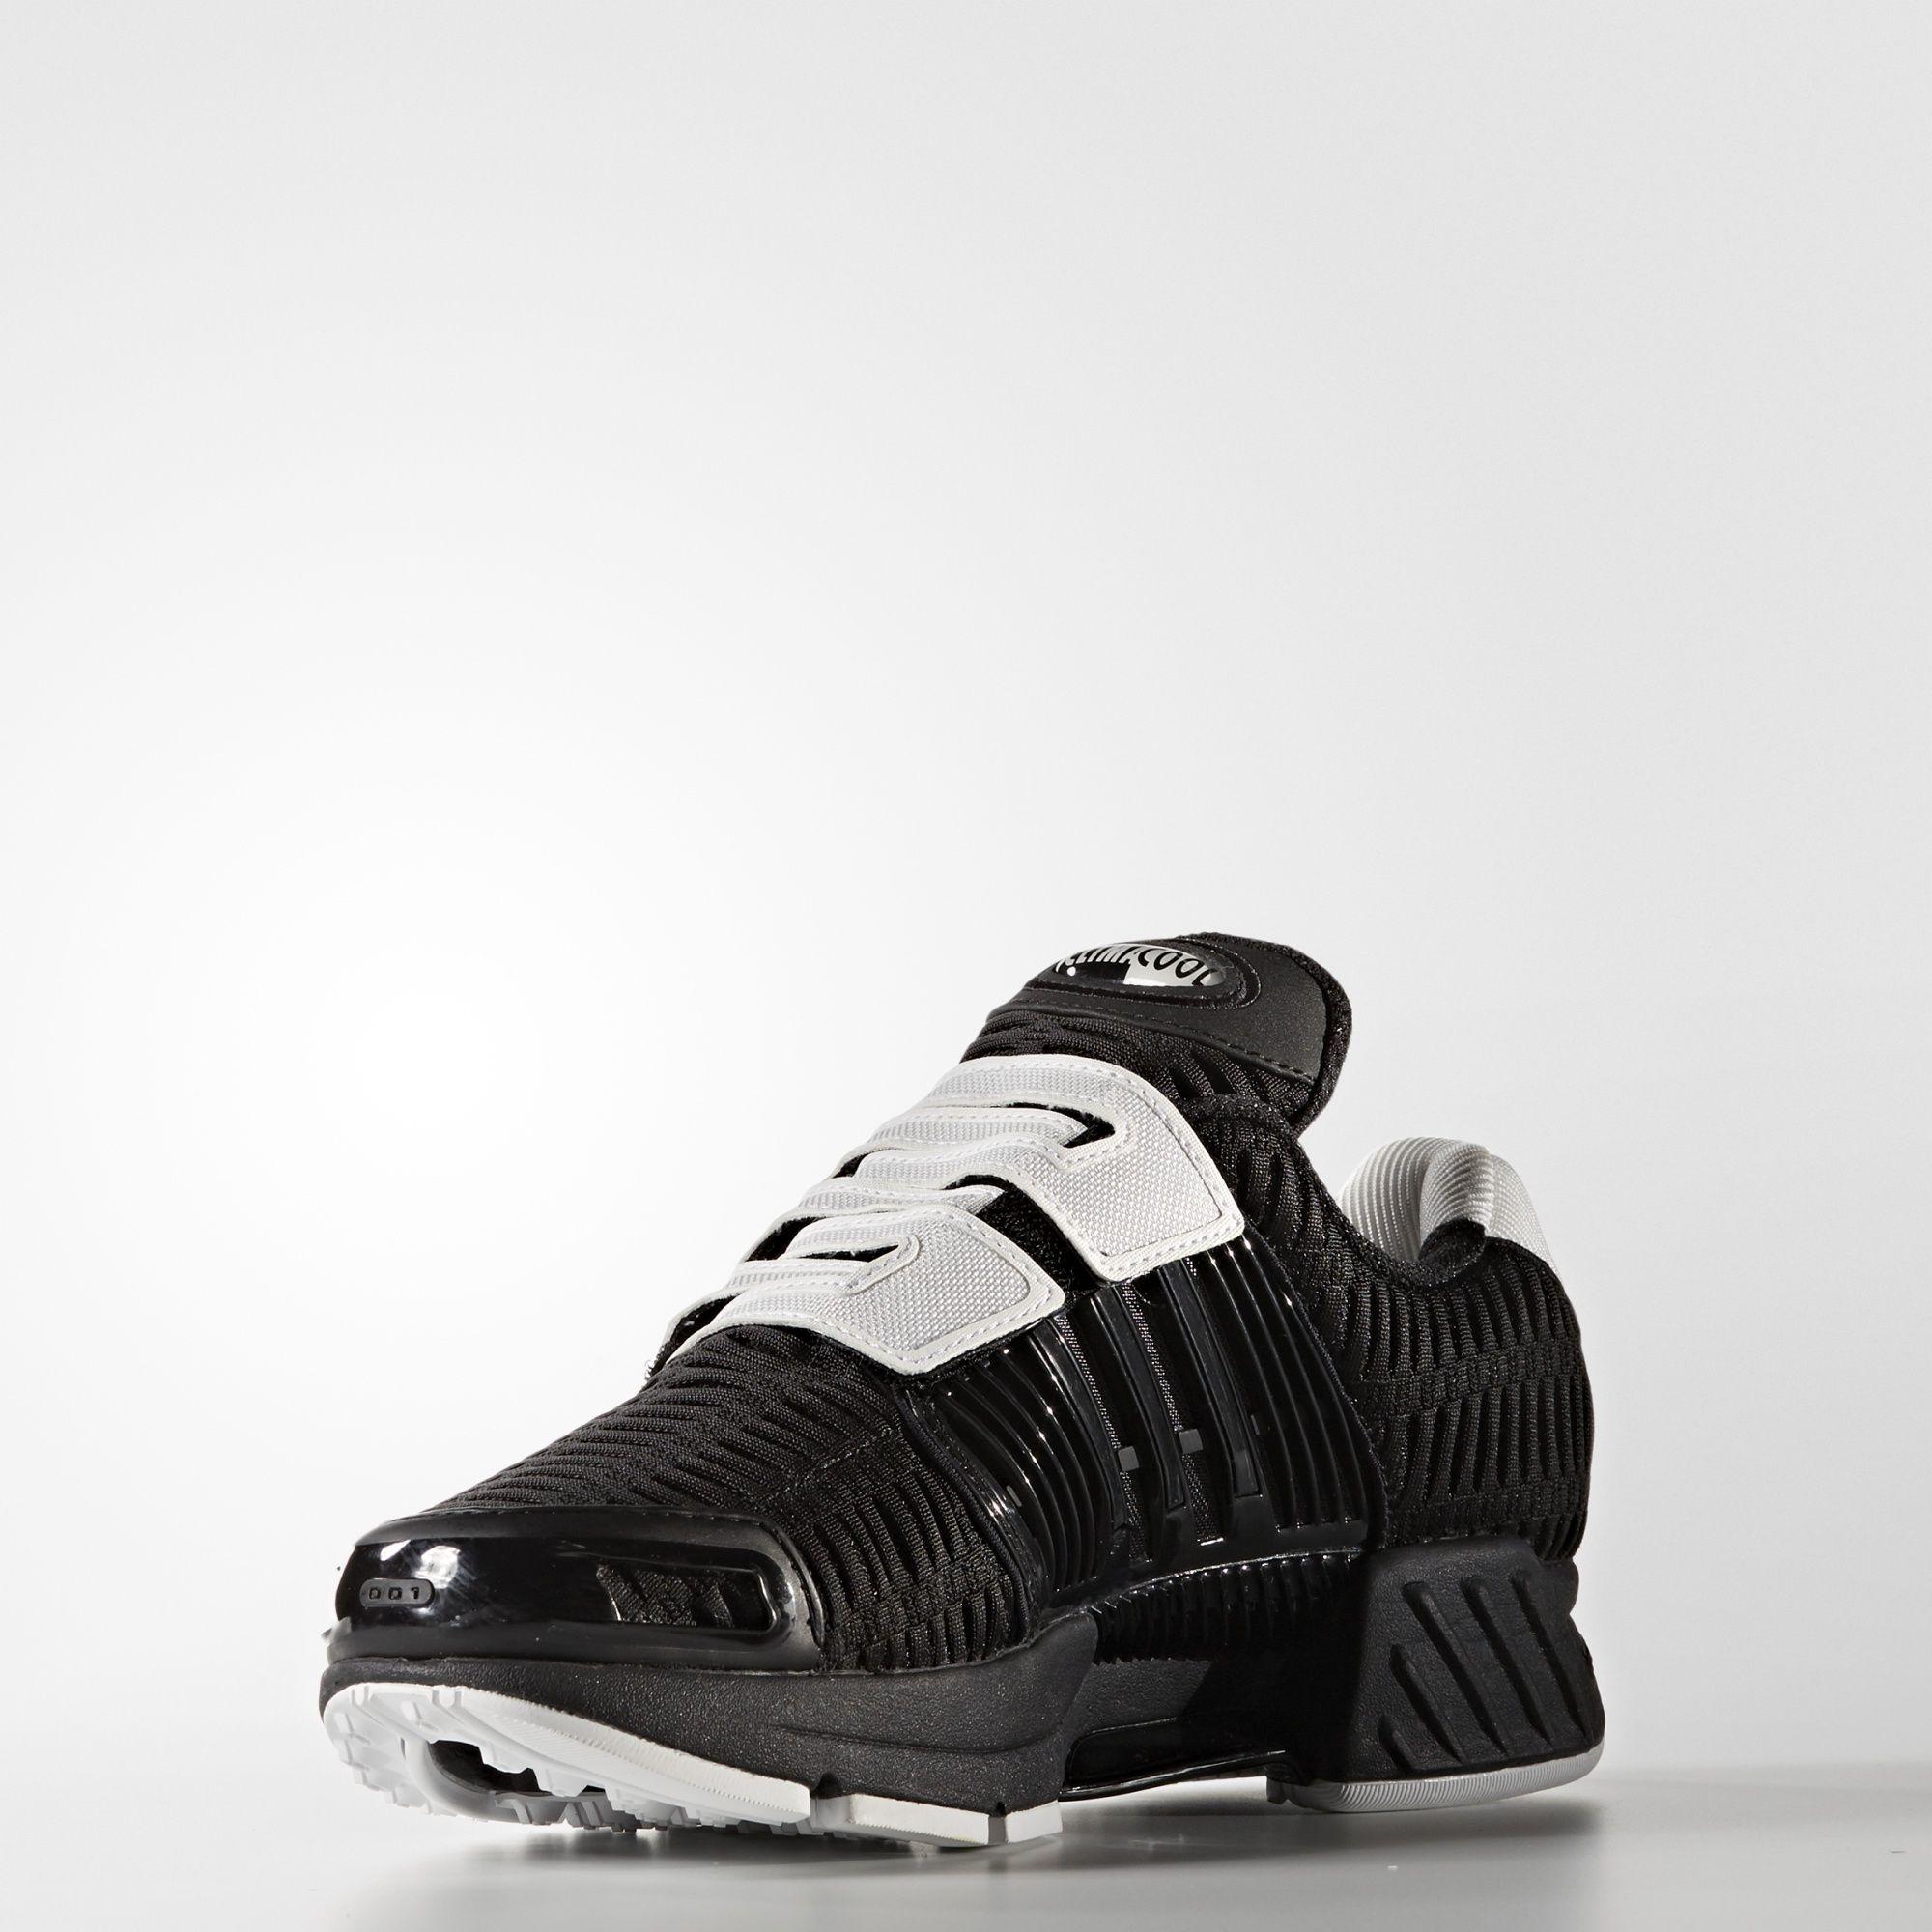 sale retailer bd59c 14742 adidas - Climacool 1 Laceless Shoes